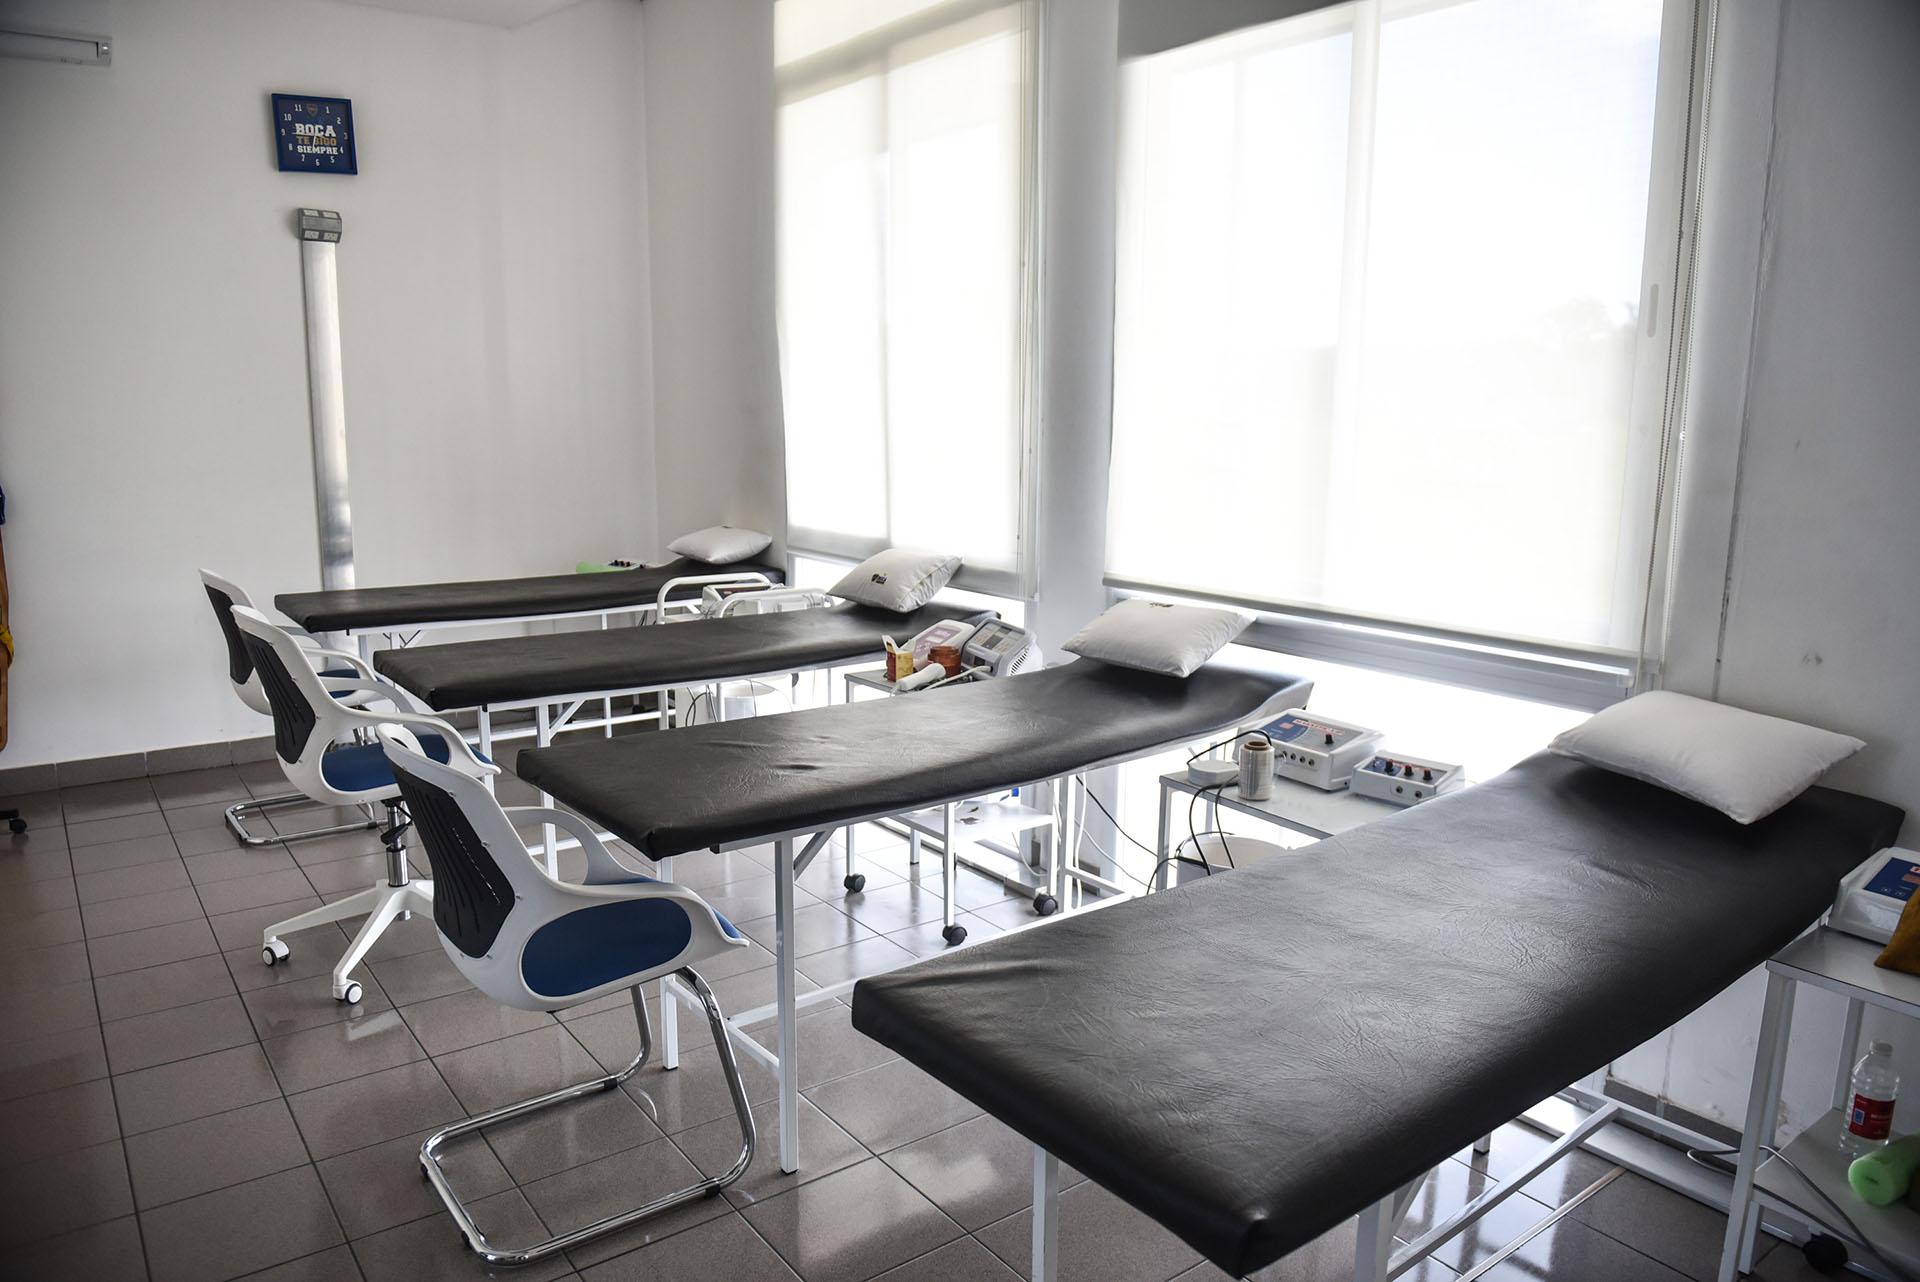 El consultorio médico dispone de varias camillas, primeros auxilios y zonas de rehabilitación (Guille Llamos)